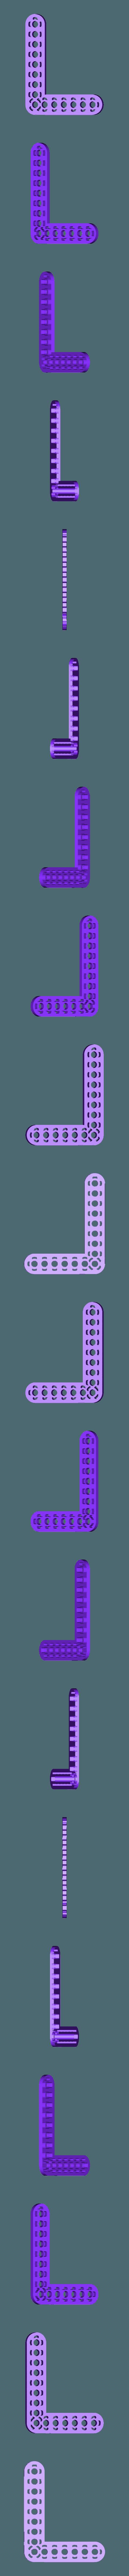 L_7_9.STL Télécharger fichier STL gratuit MEGA Expansion 200+ Pièces • Plan à imprimer en 3D, Pwentey